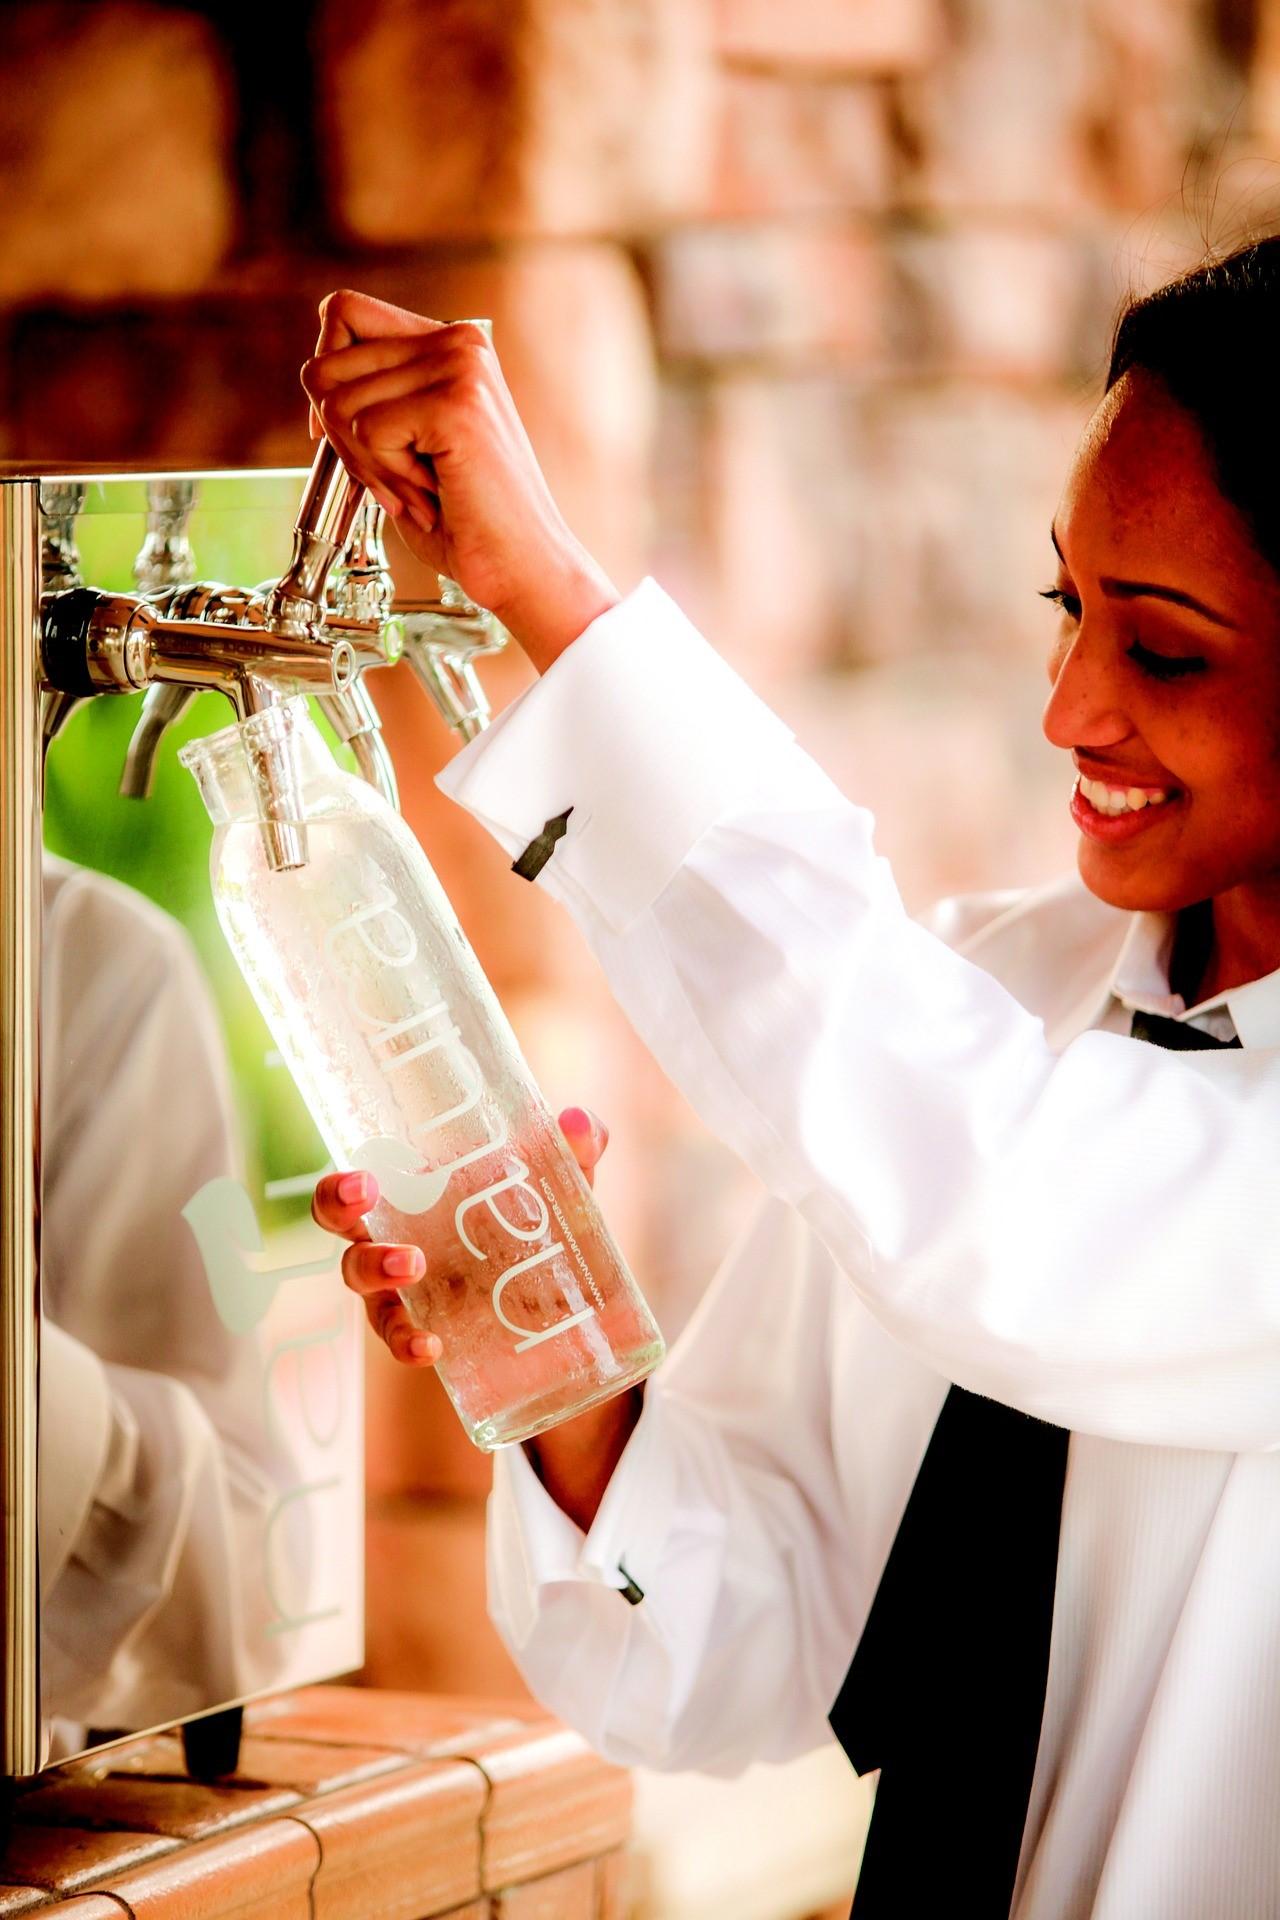 炭酸水を作る女性